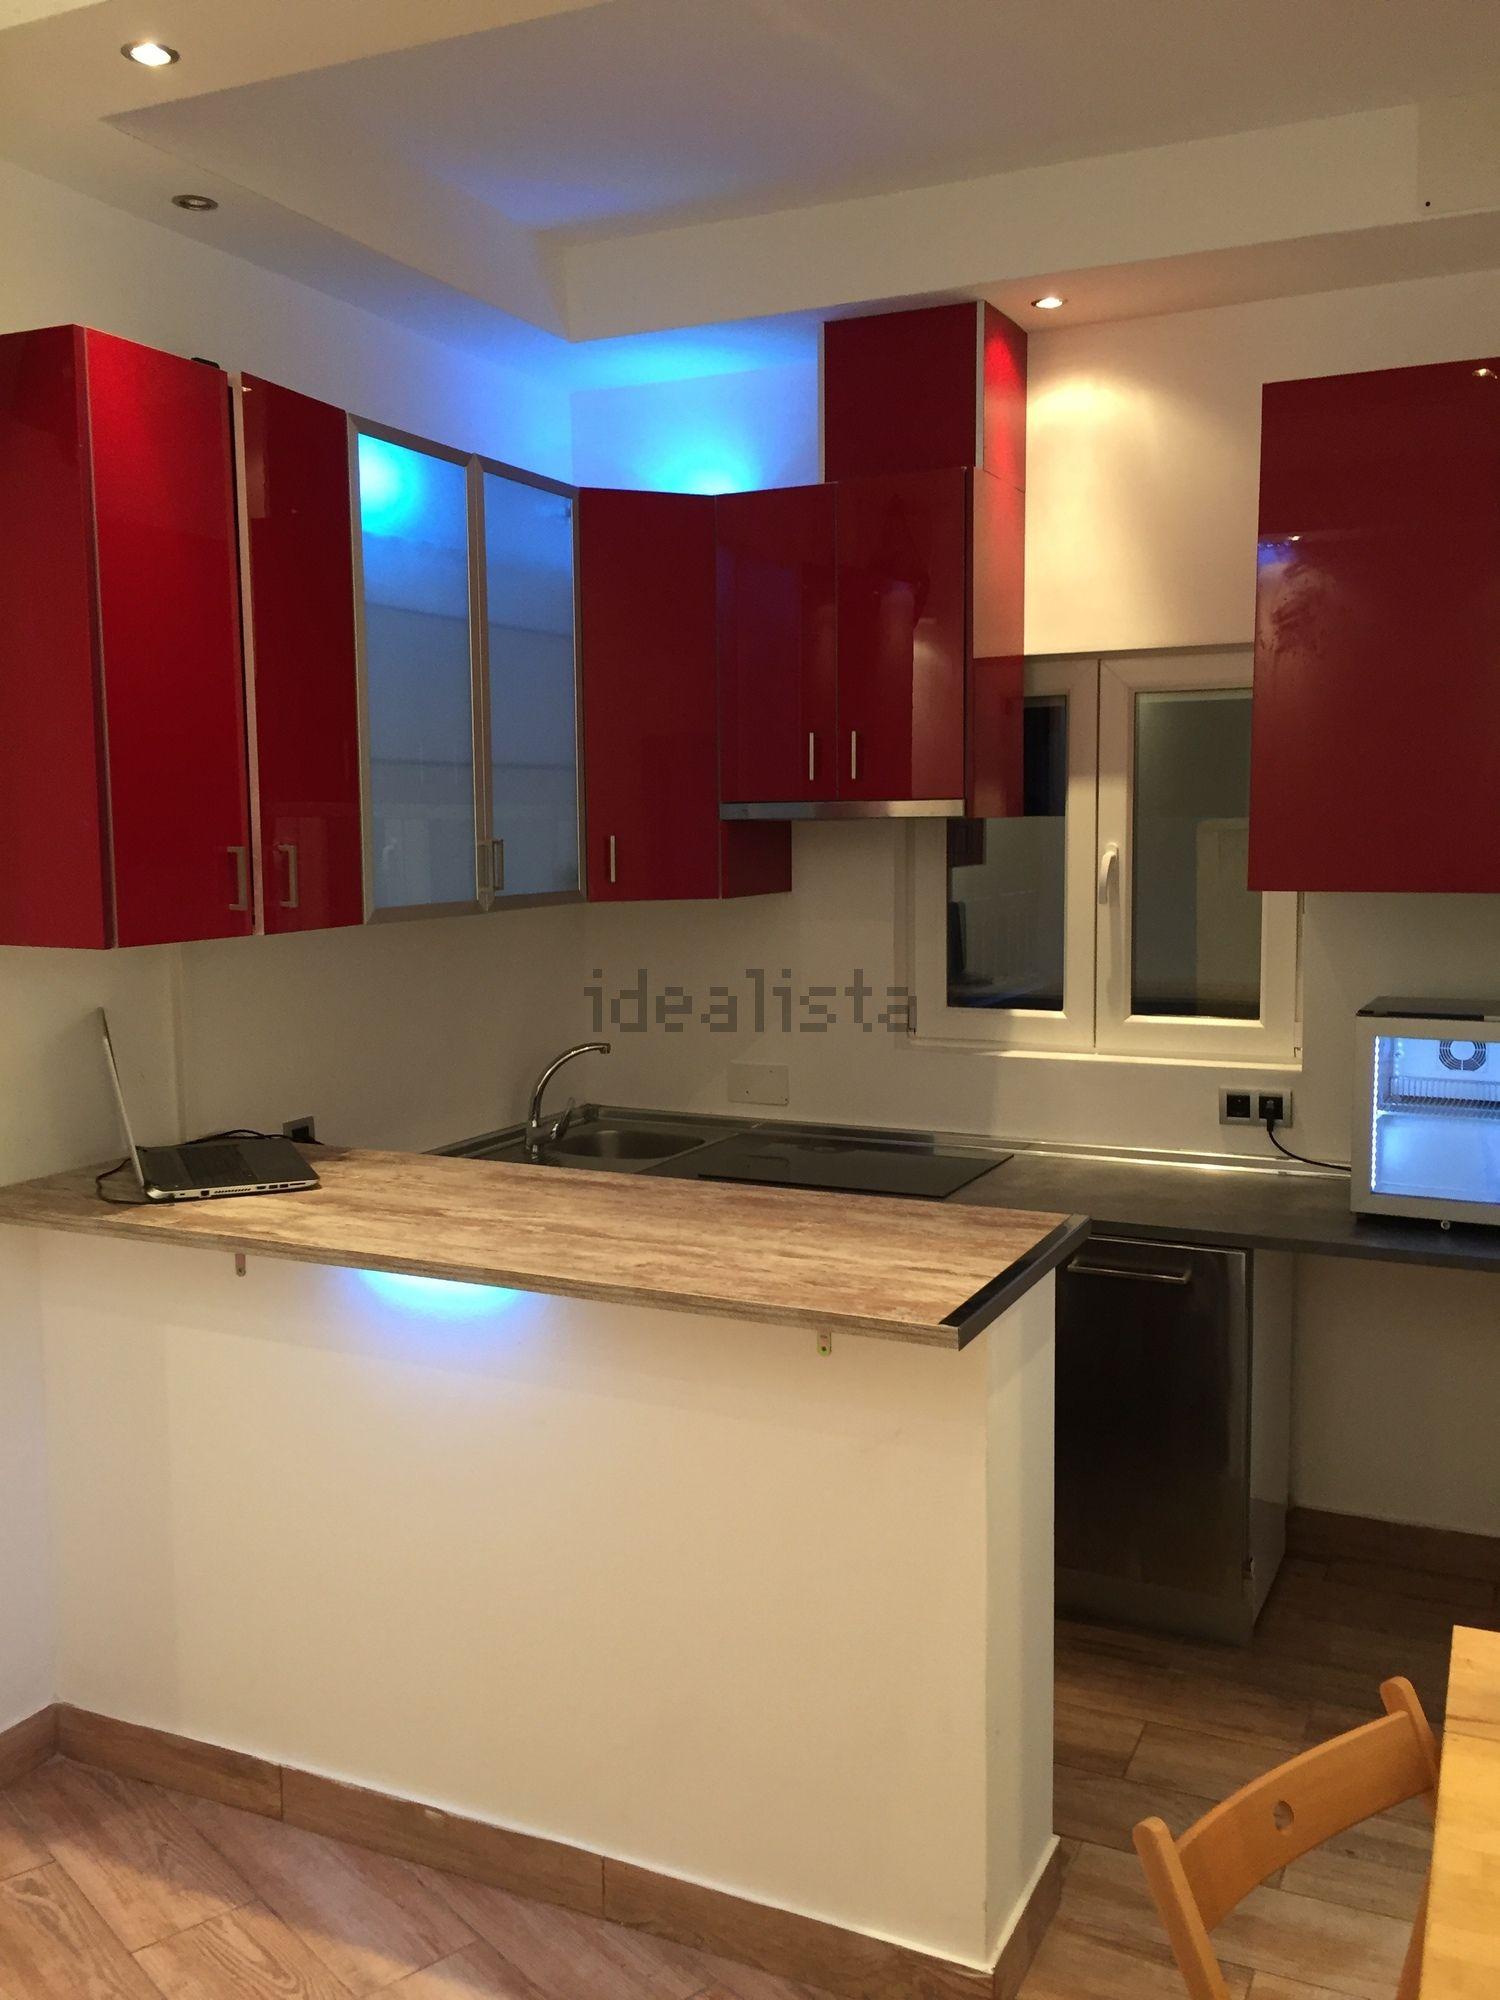 Perfecto Apartamento Isla De Cocina Terapia Regalo - Como Decorar la ...